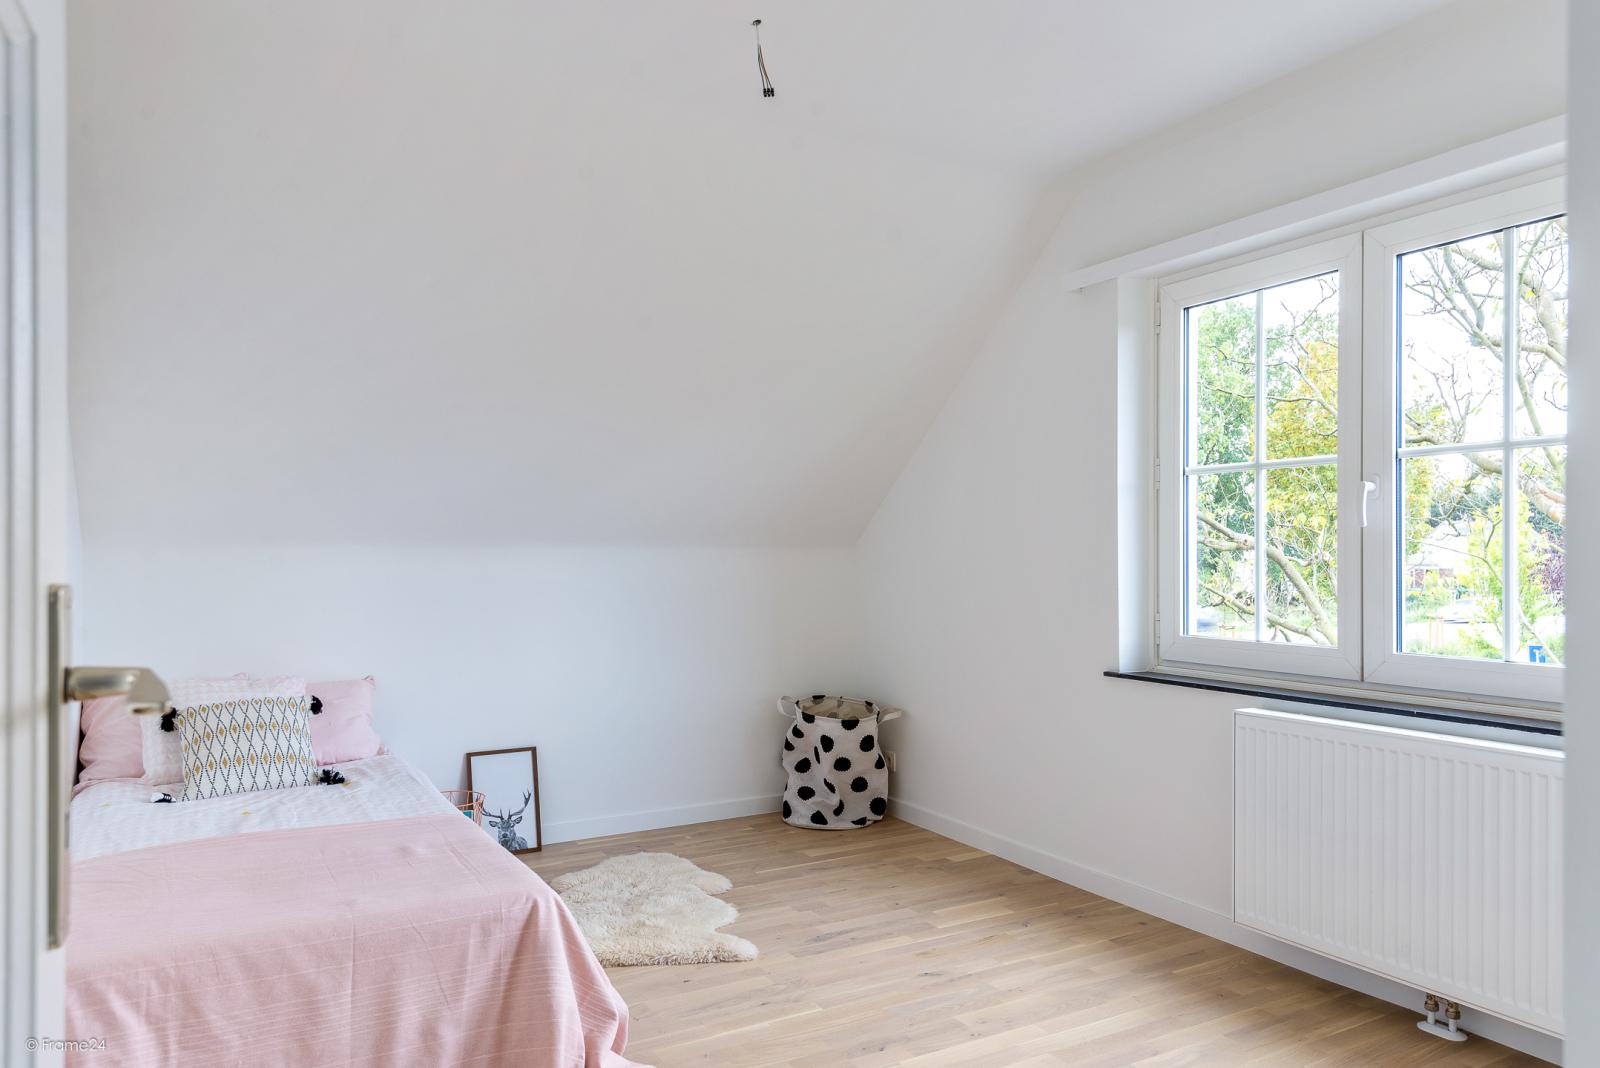 Volledig vernieuwde vrijstaande woning met drie slaapkamers op een hoekperceel van 776 m² te Schilde! afbeelding 15